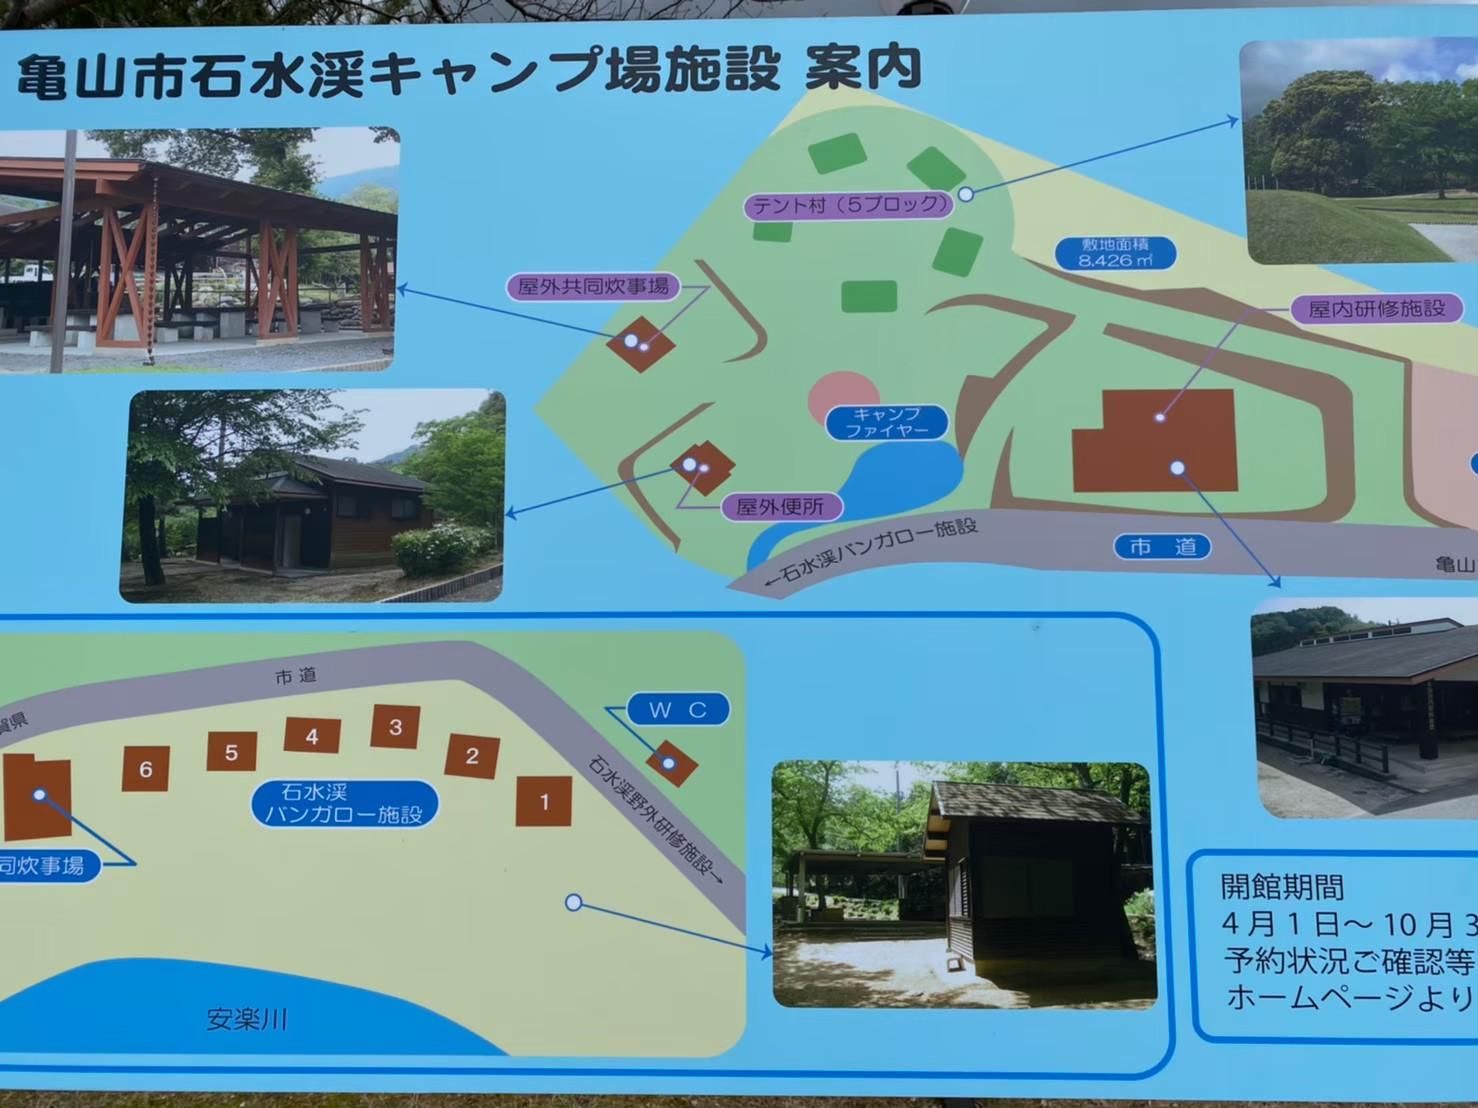 【三重県】『石水渓キャンプ場』攻略ガイド(駐車場・トイレ)